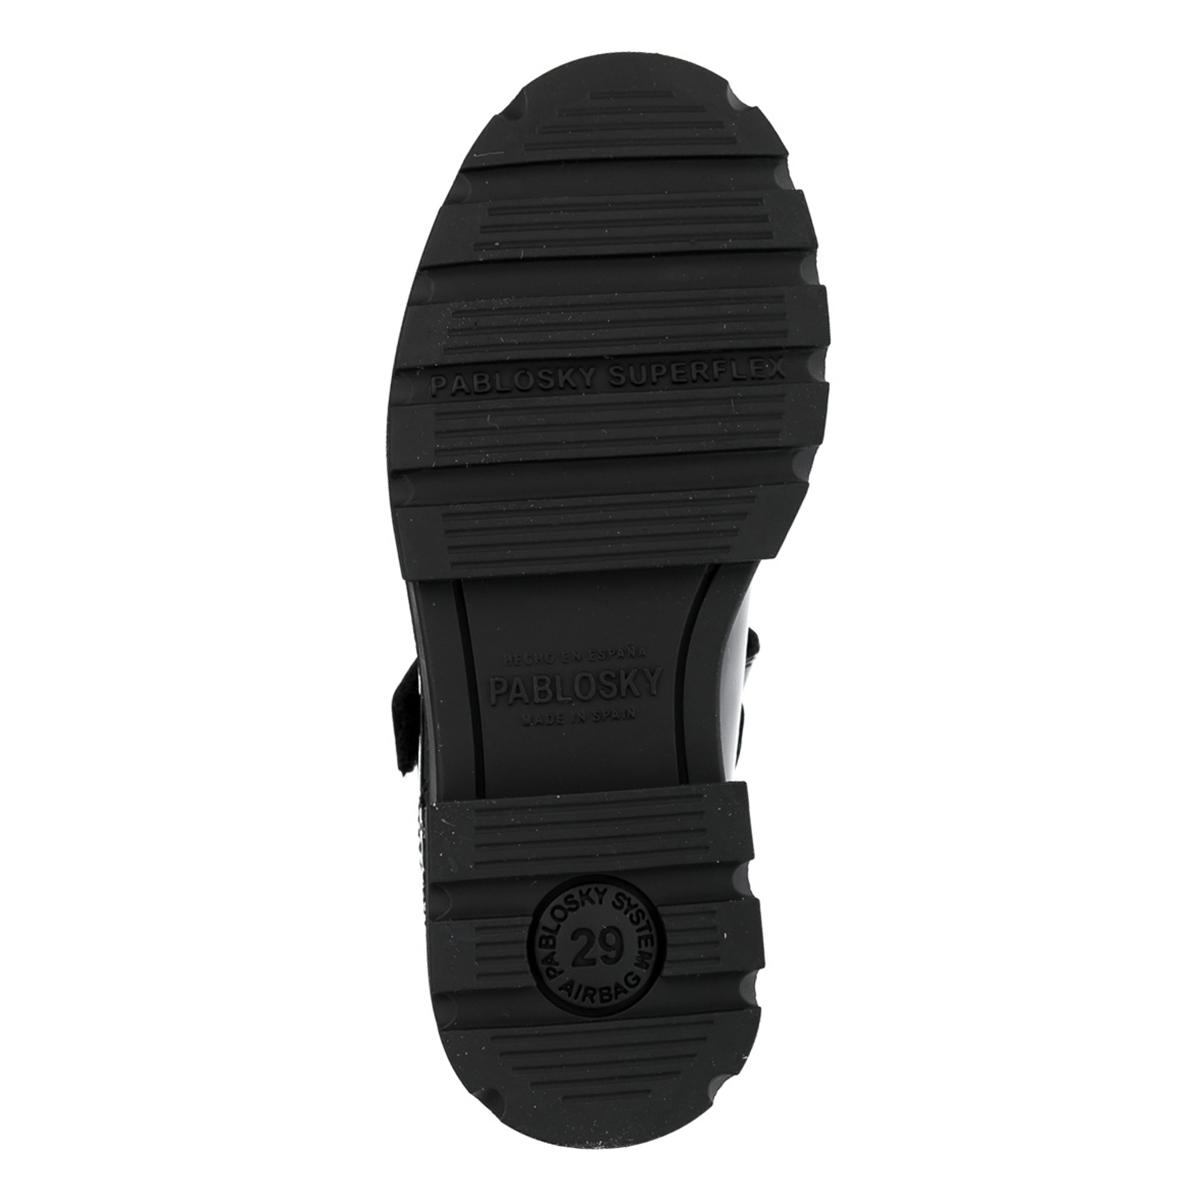 Купить Туфли, мокасины, Туфли Pablosky Lady Jane, р. 37 335819 ТМ: Pablosky, черный